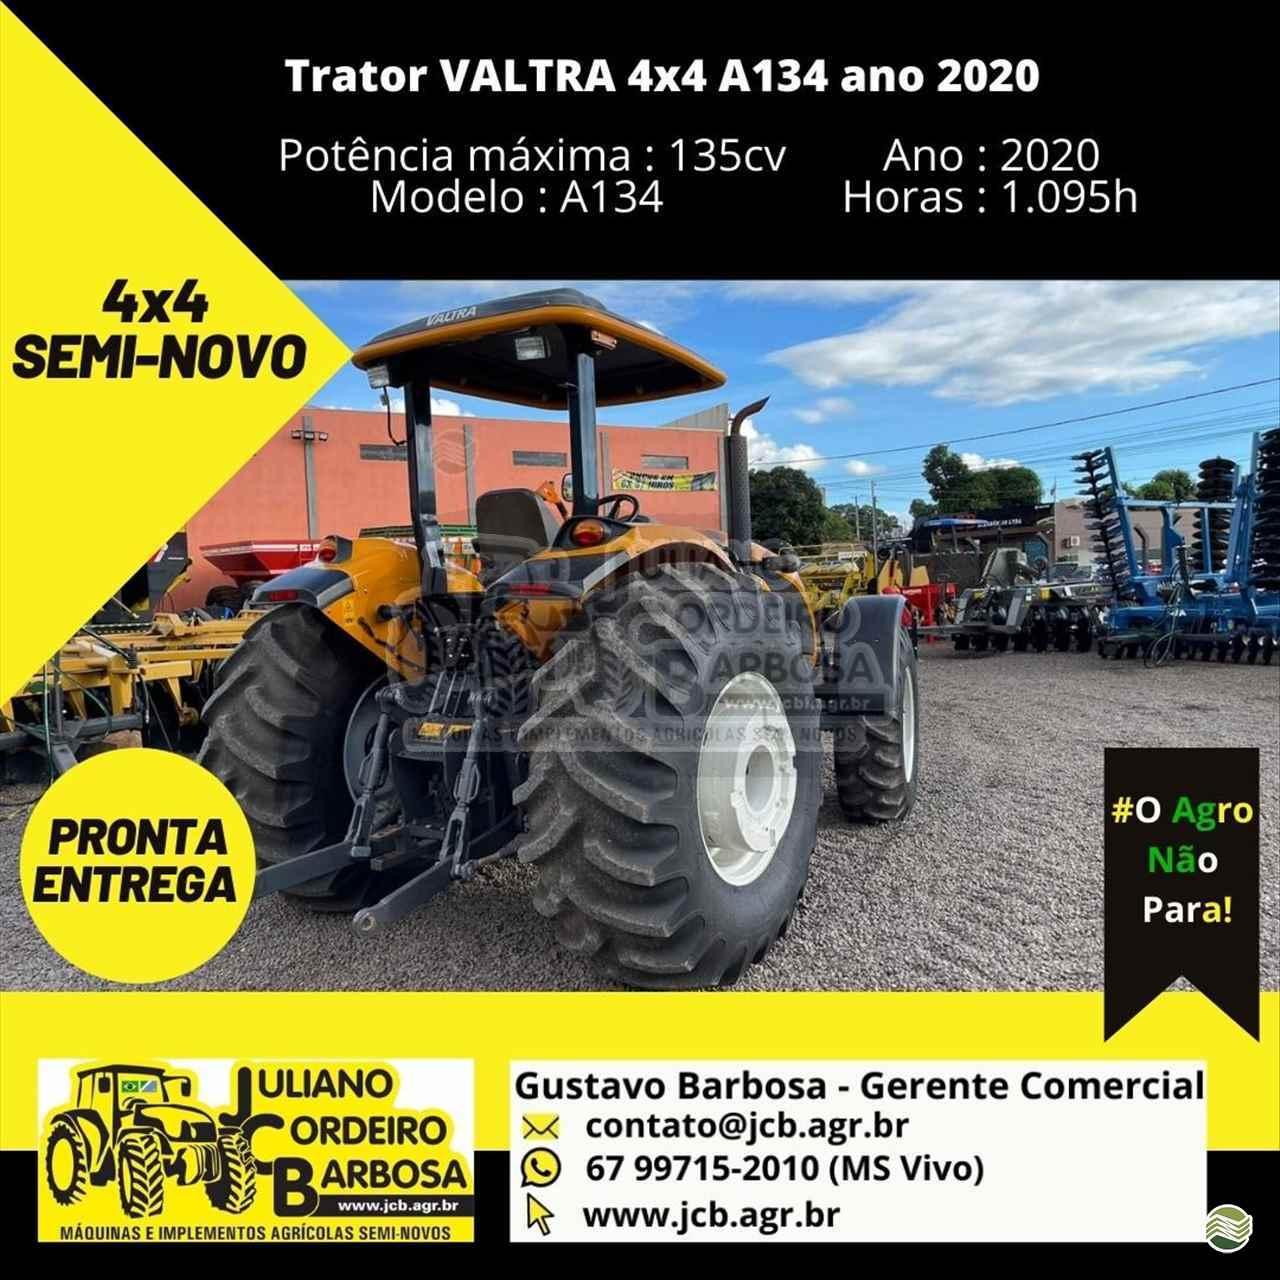 TRATOR VALTRA VALTRA A134 Tração 4x4 JCB Máquinas e Implementos Agrícolas MARACAJU MATO GROSSO DO SUL MS